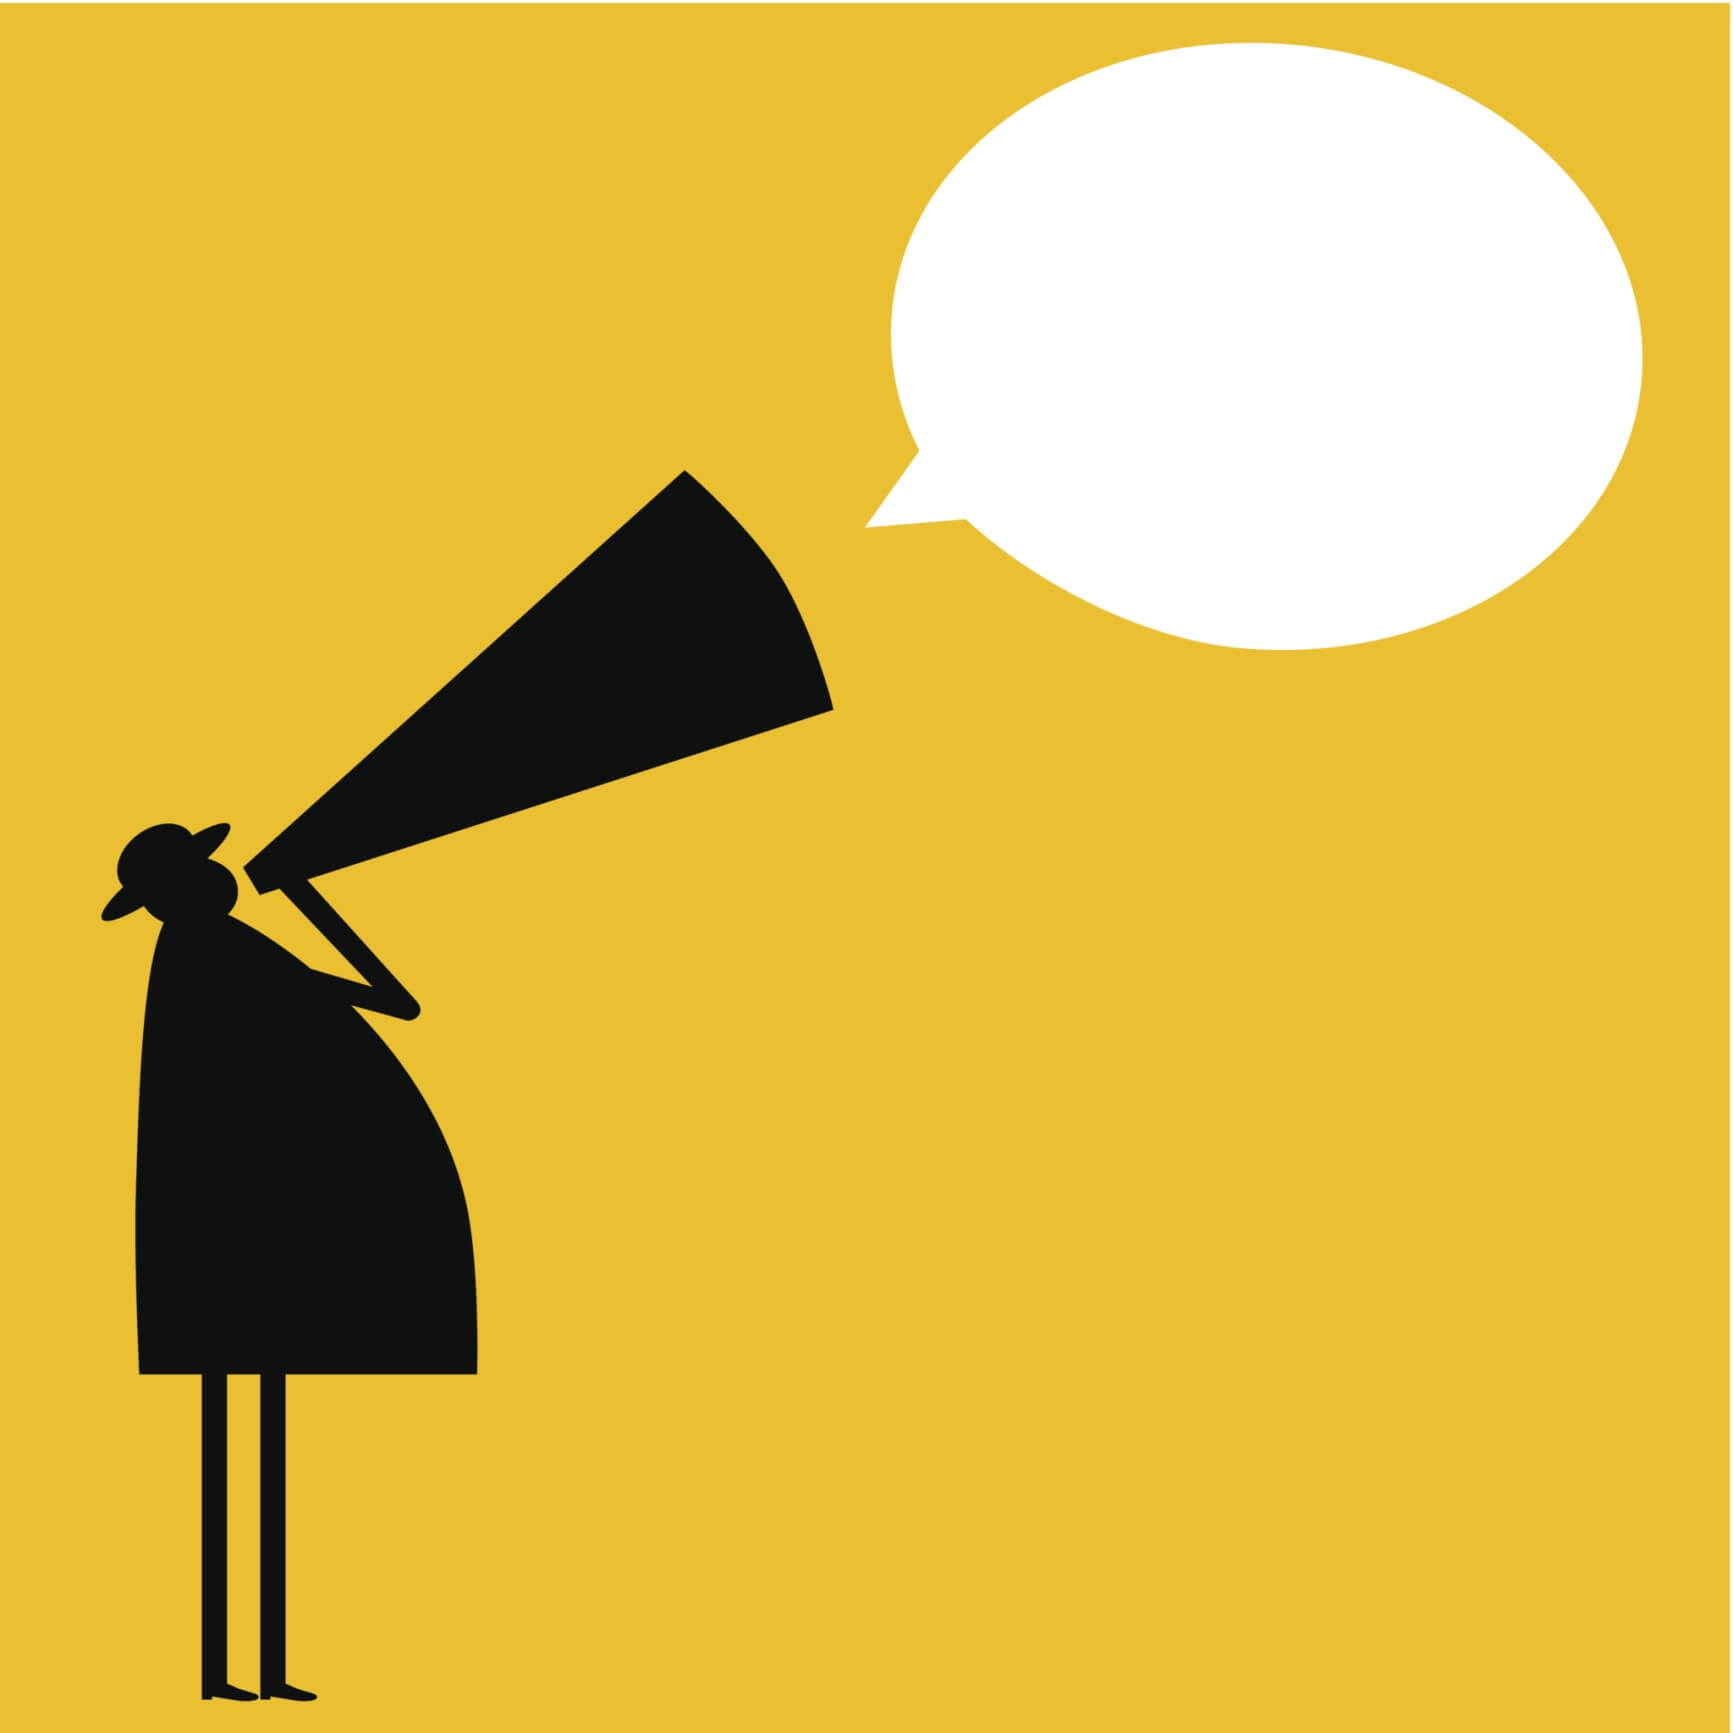 How To Speak Up To Authority